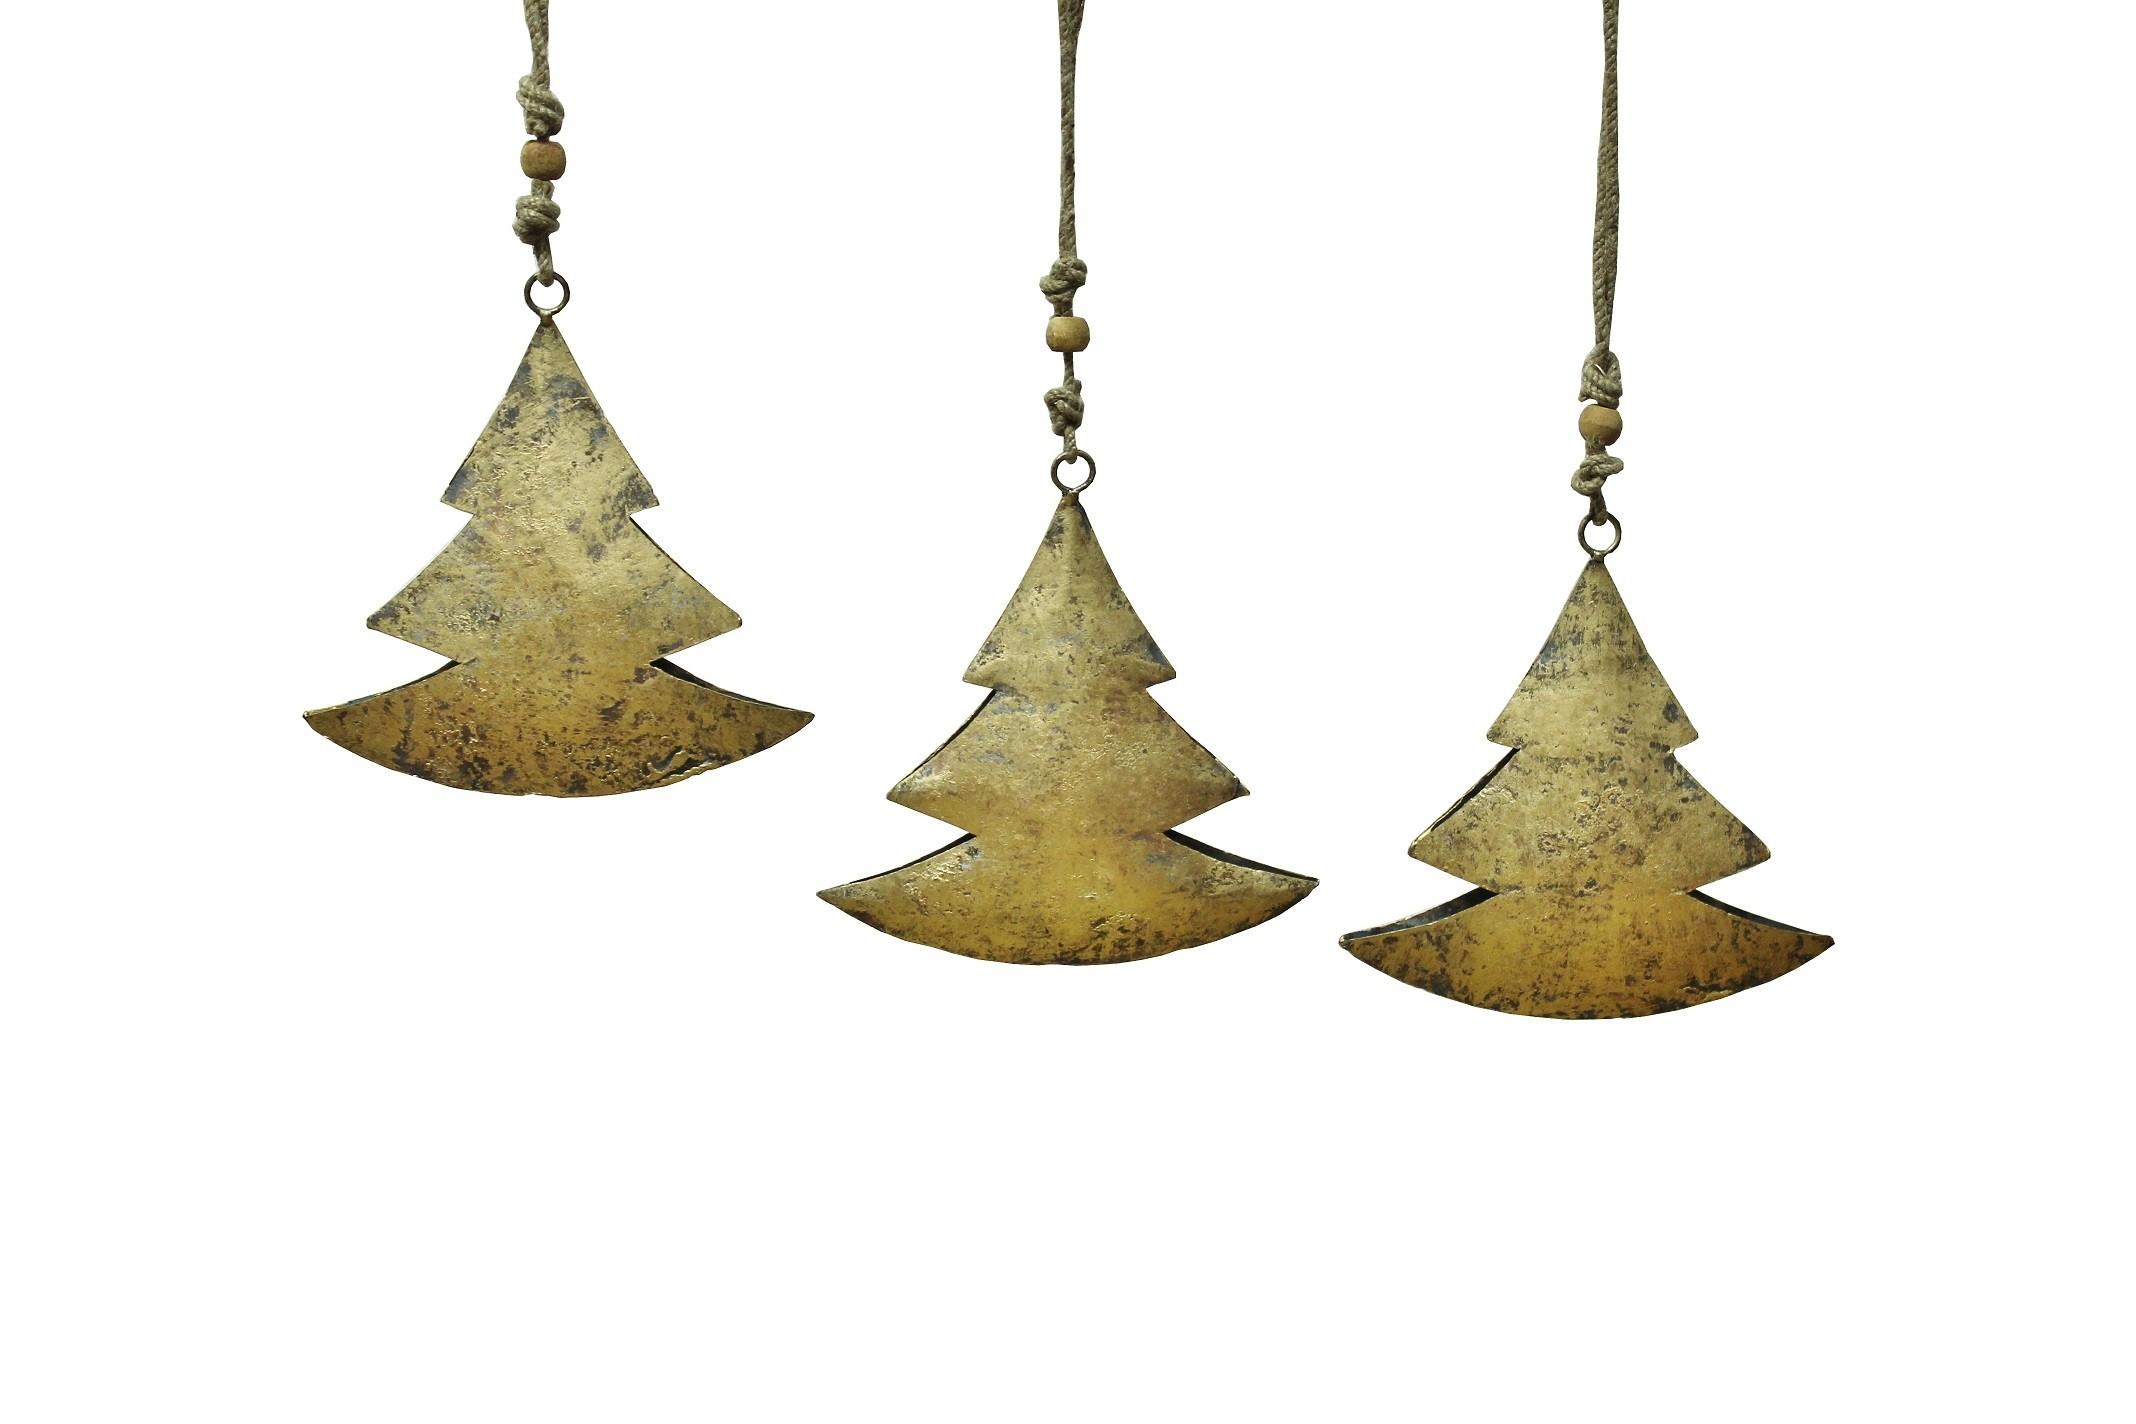 3er set deko metall weihnachtsstern gold h ngend gro. Black Bedroom Furniture Sets. Home Design Ideas